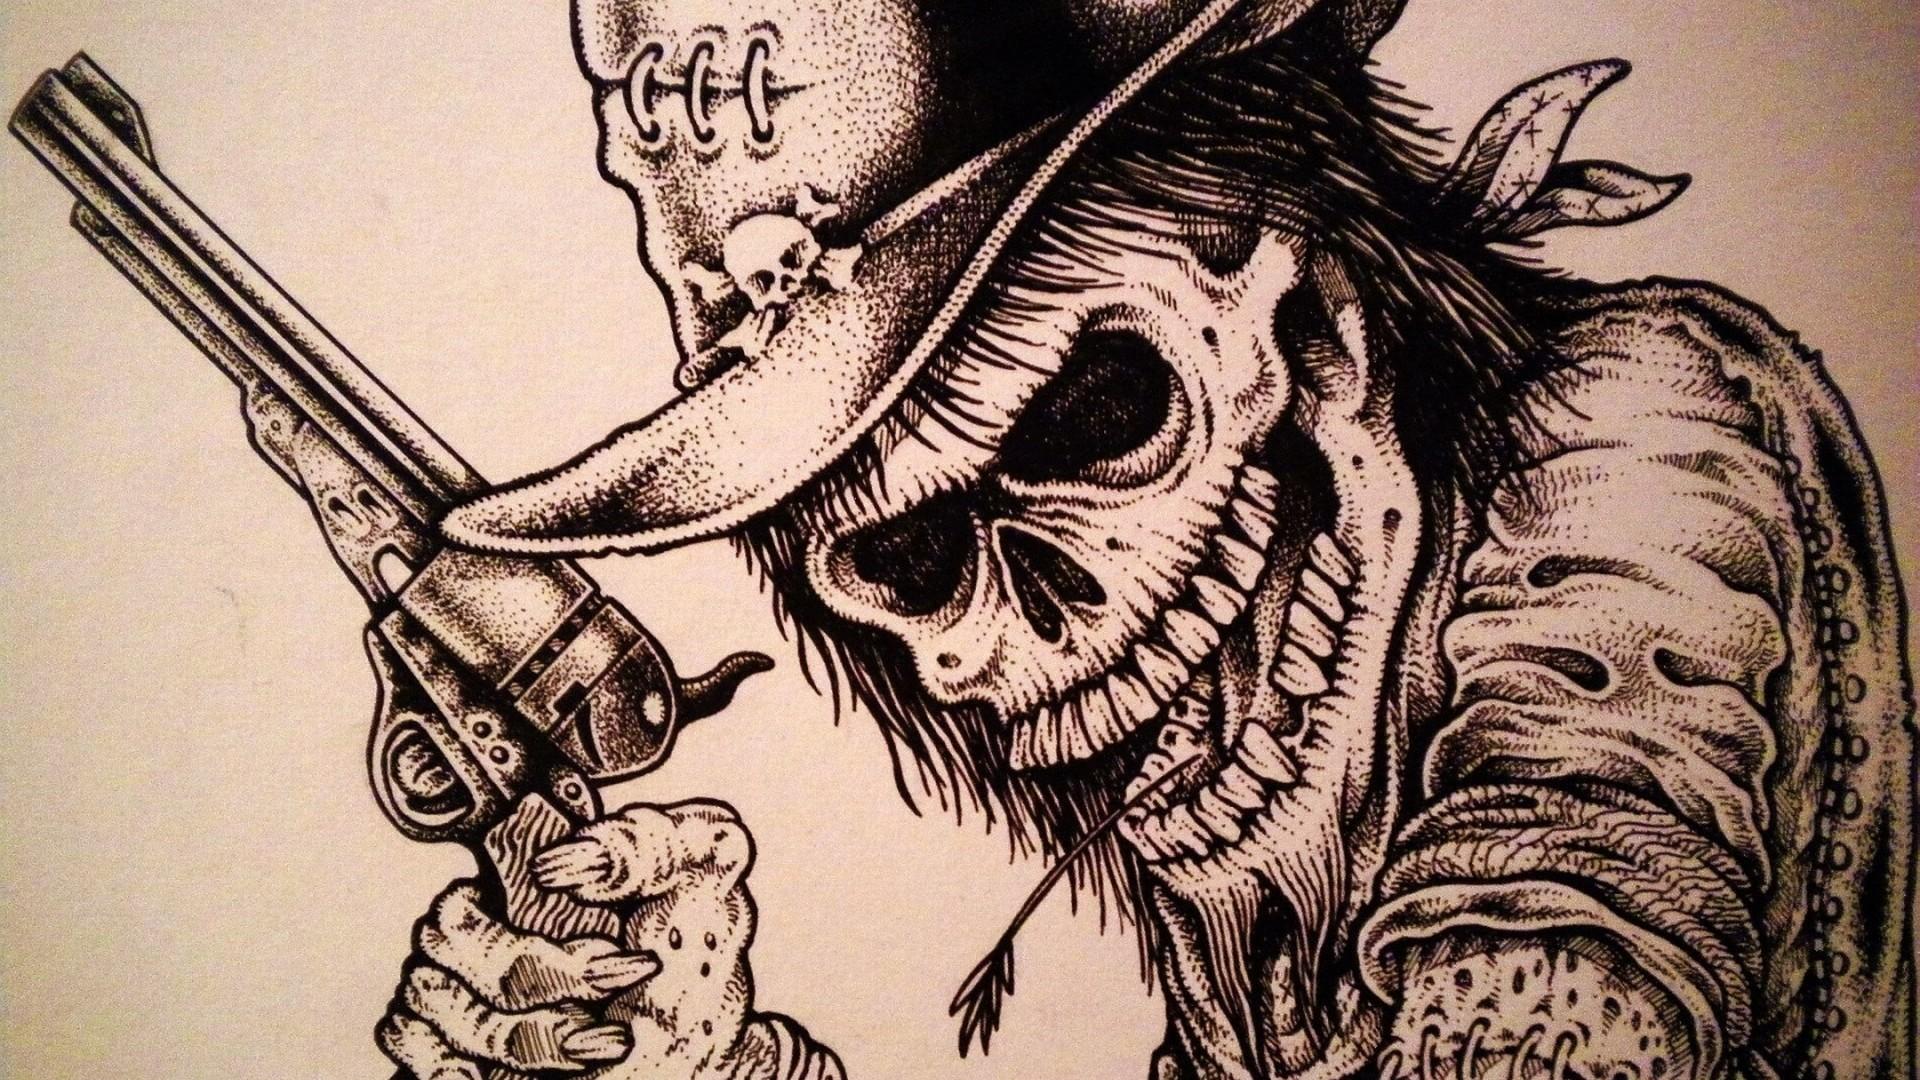 Skull Skulls Dark Western Weapon Gun Pistol Wallpaper At Dark Wallpapers